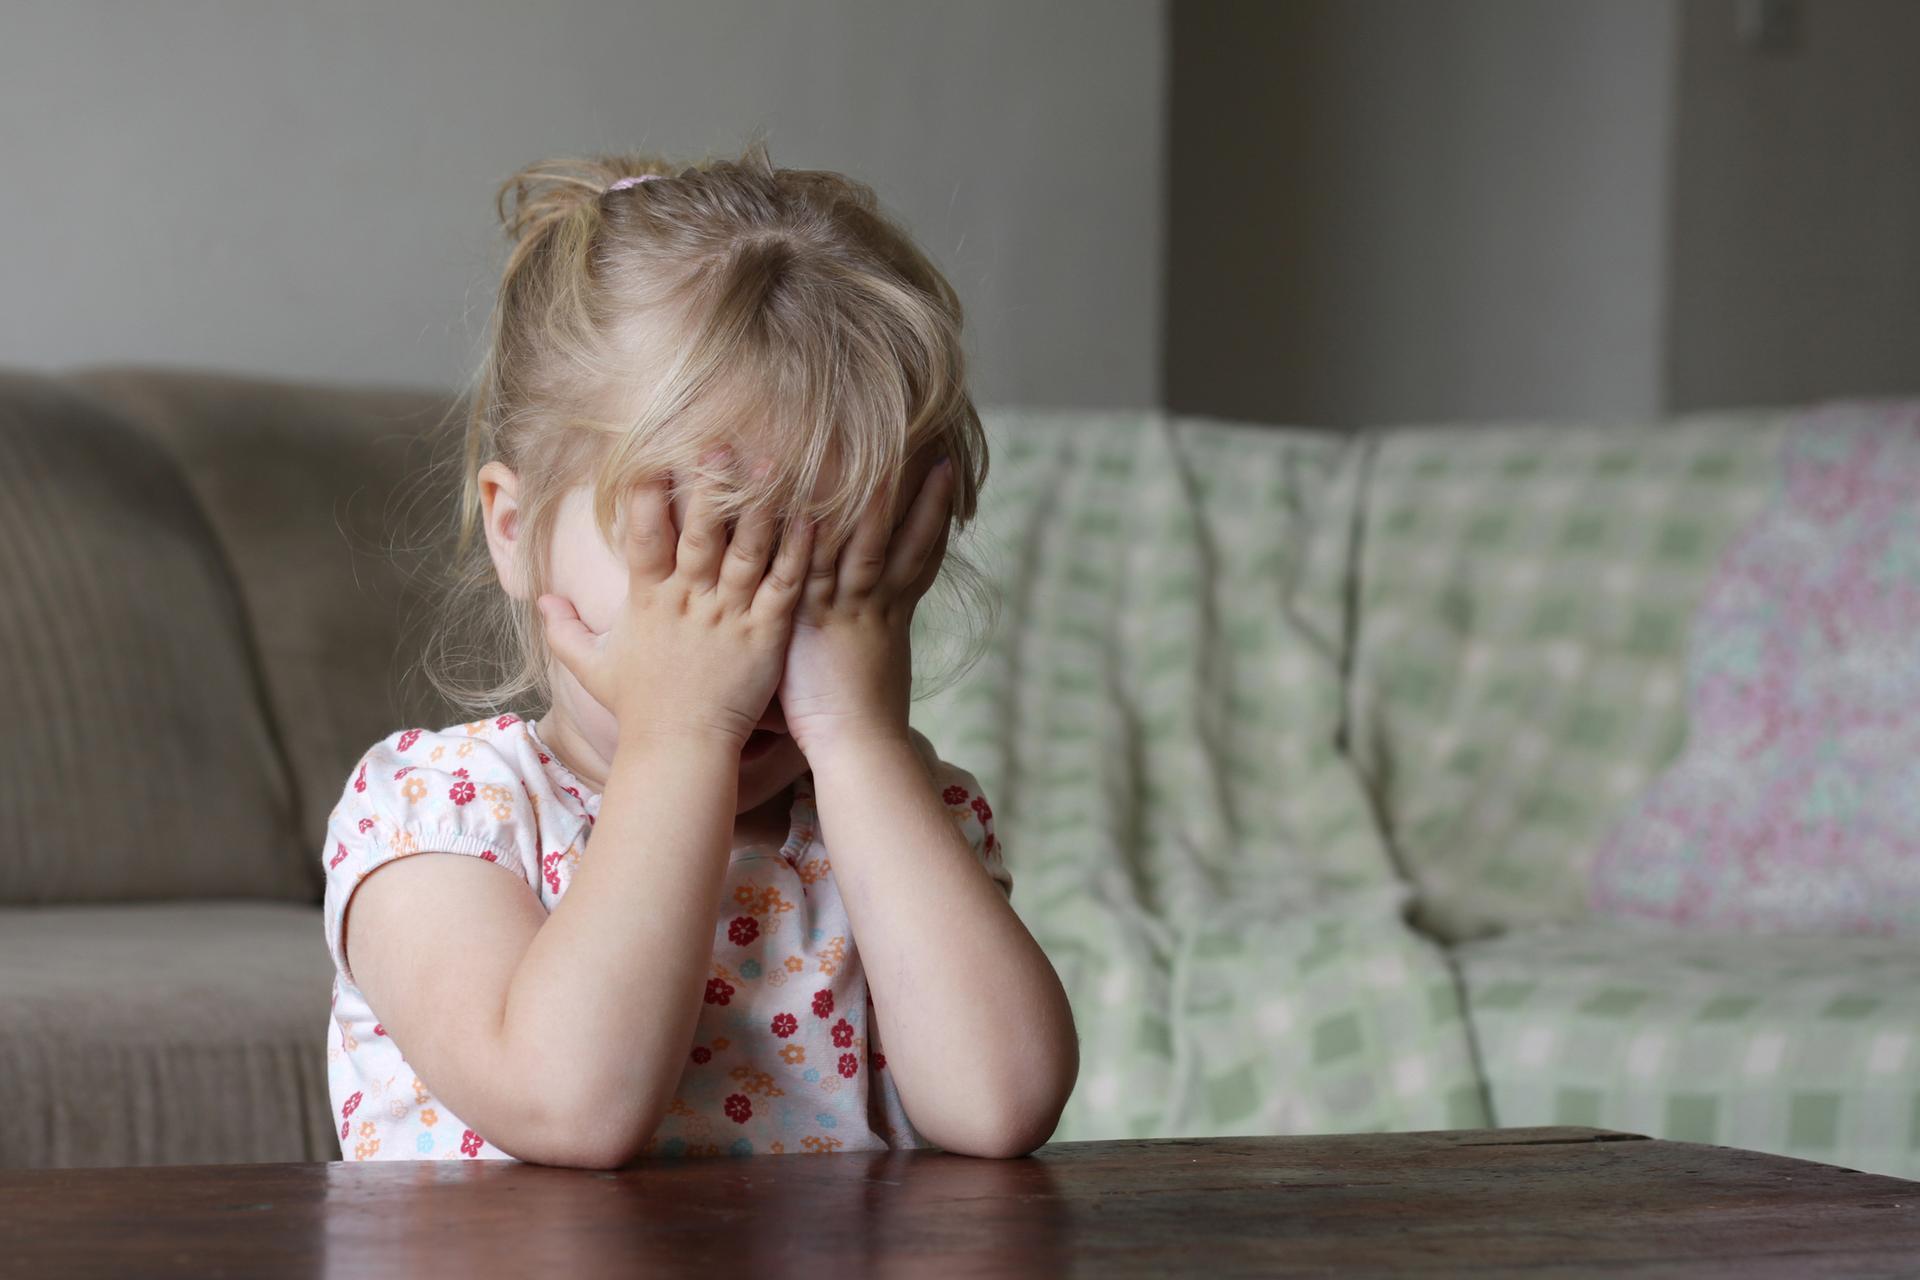 За оскорбление 7-летней девочки в соцсетях наказали жительницу Тверской области